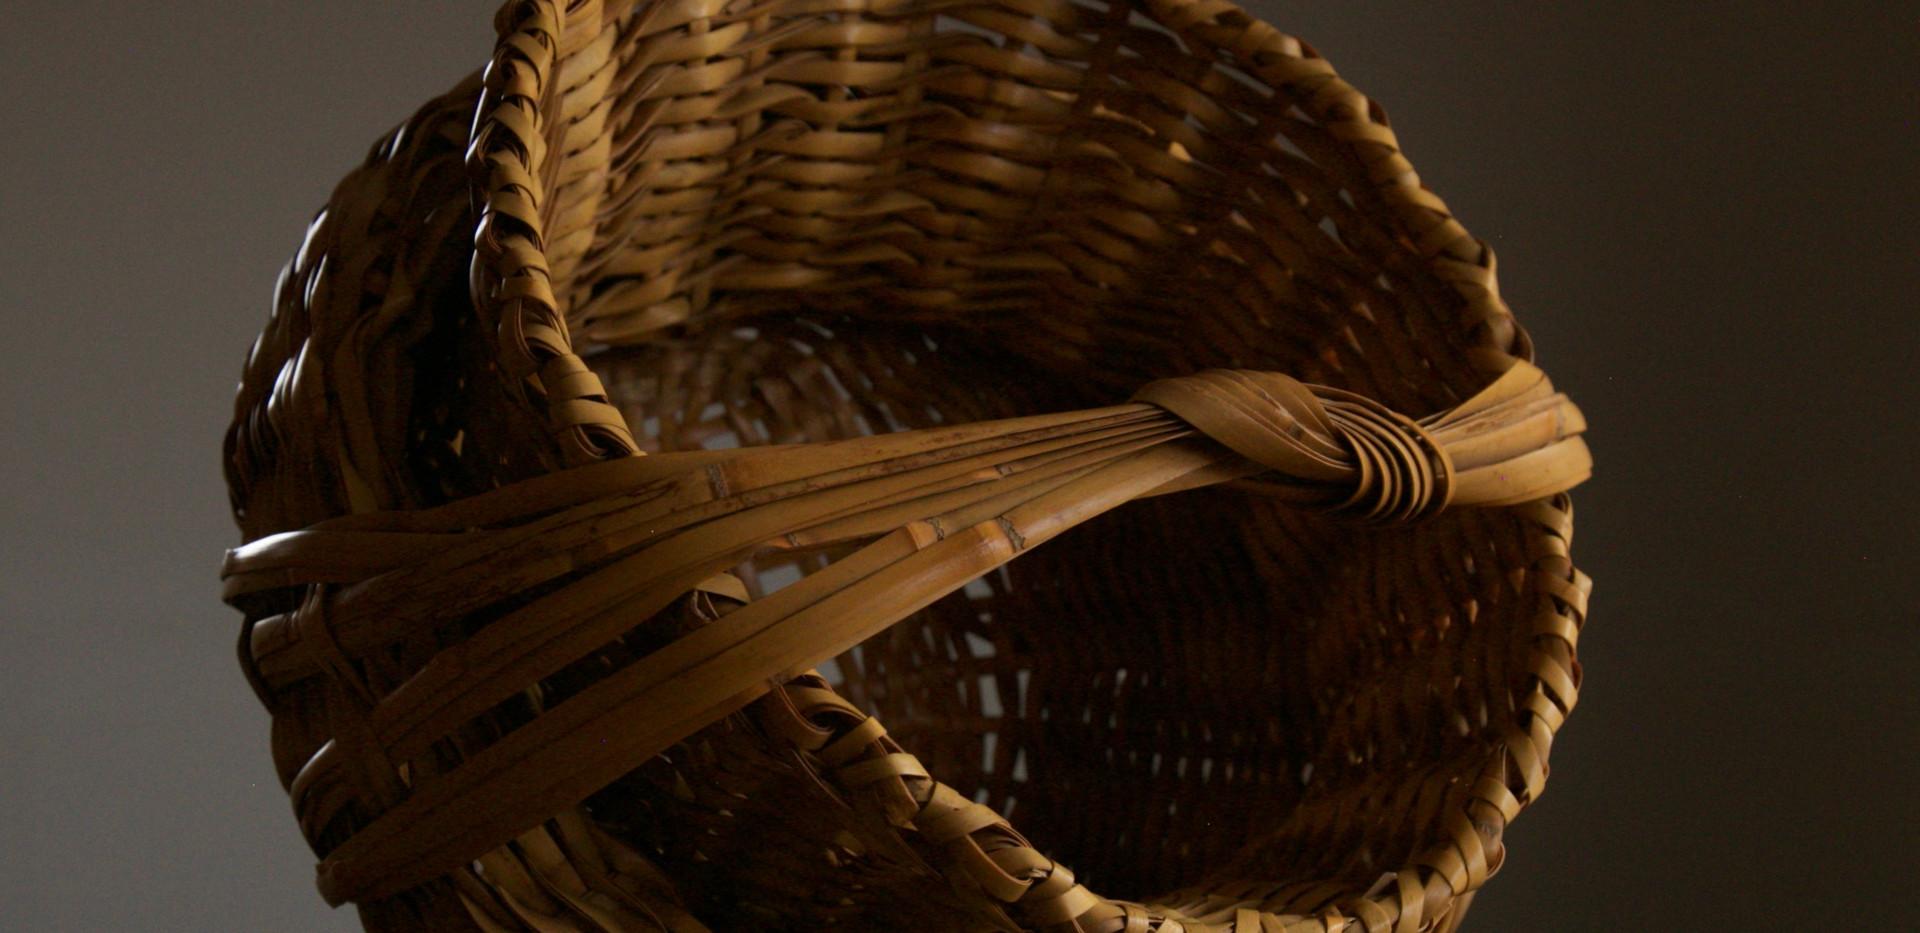 Folded basket by Iizuka Shokansai 05.jpg